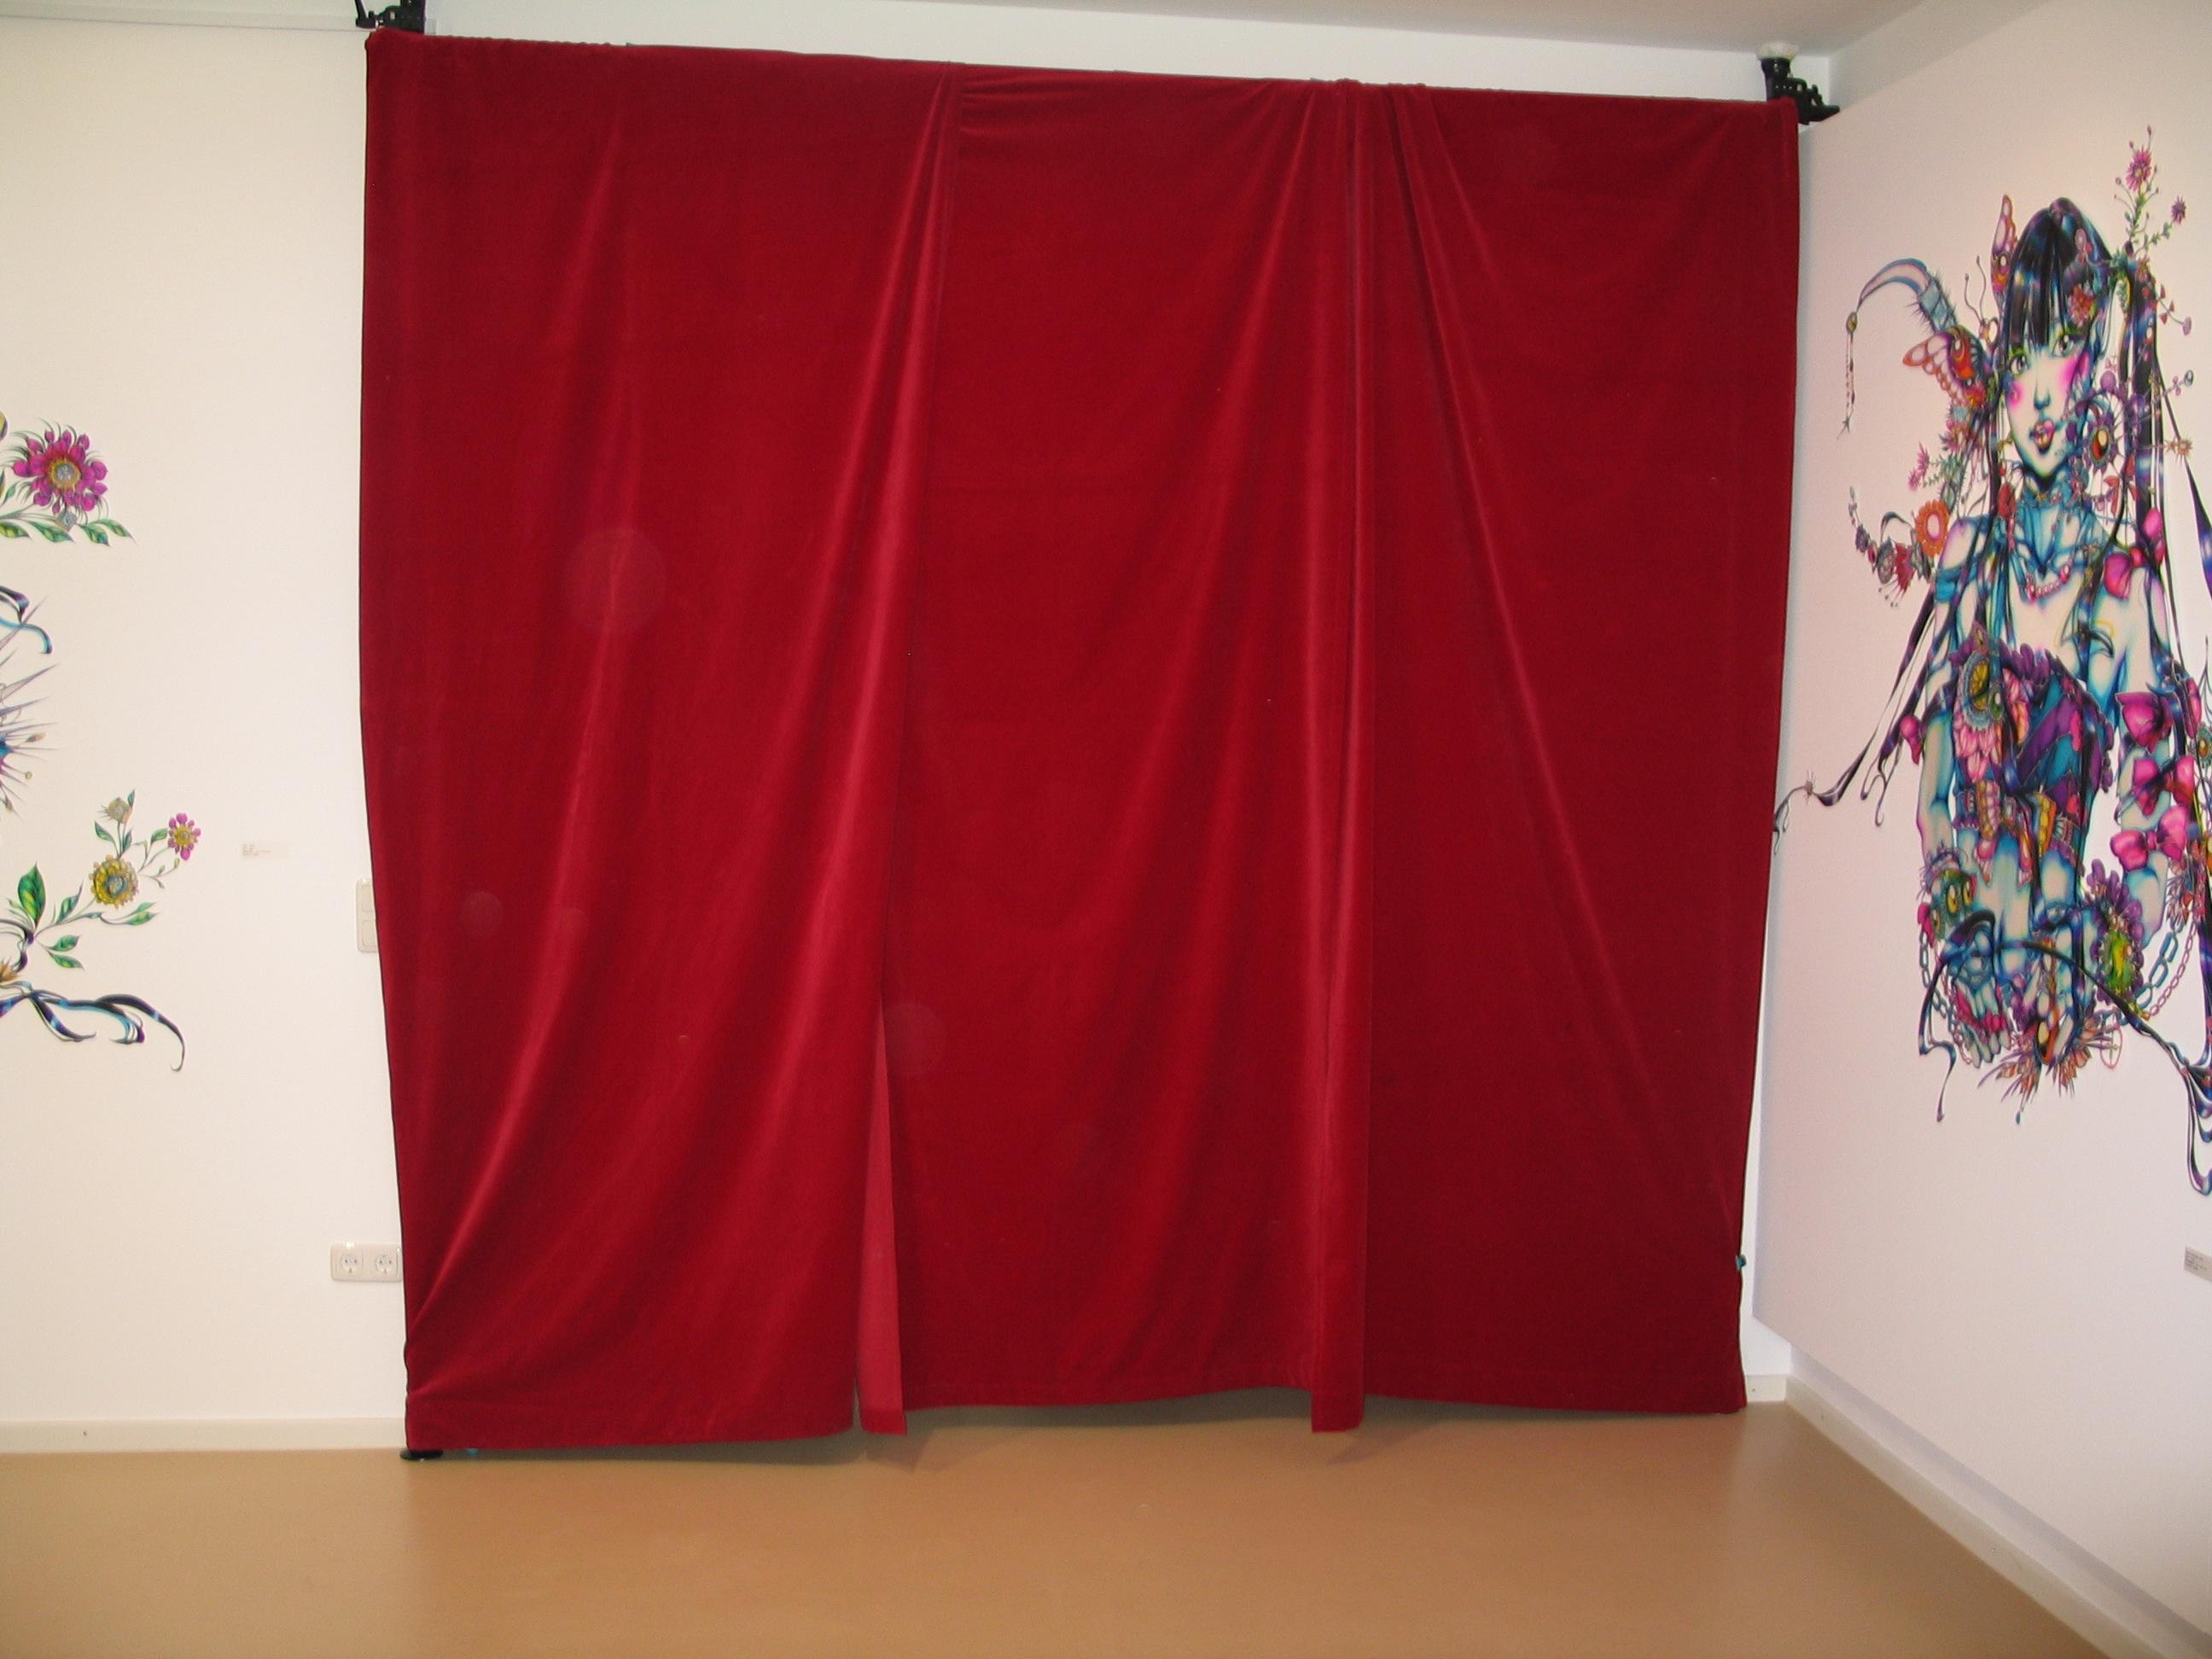 Hinter dem roten Samtvorhang wartet unsere exklusive Installation auf die Besucher von Micheko am 15.10.2011